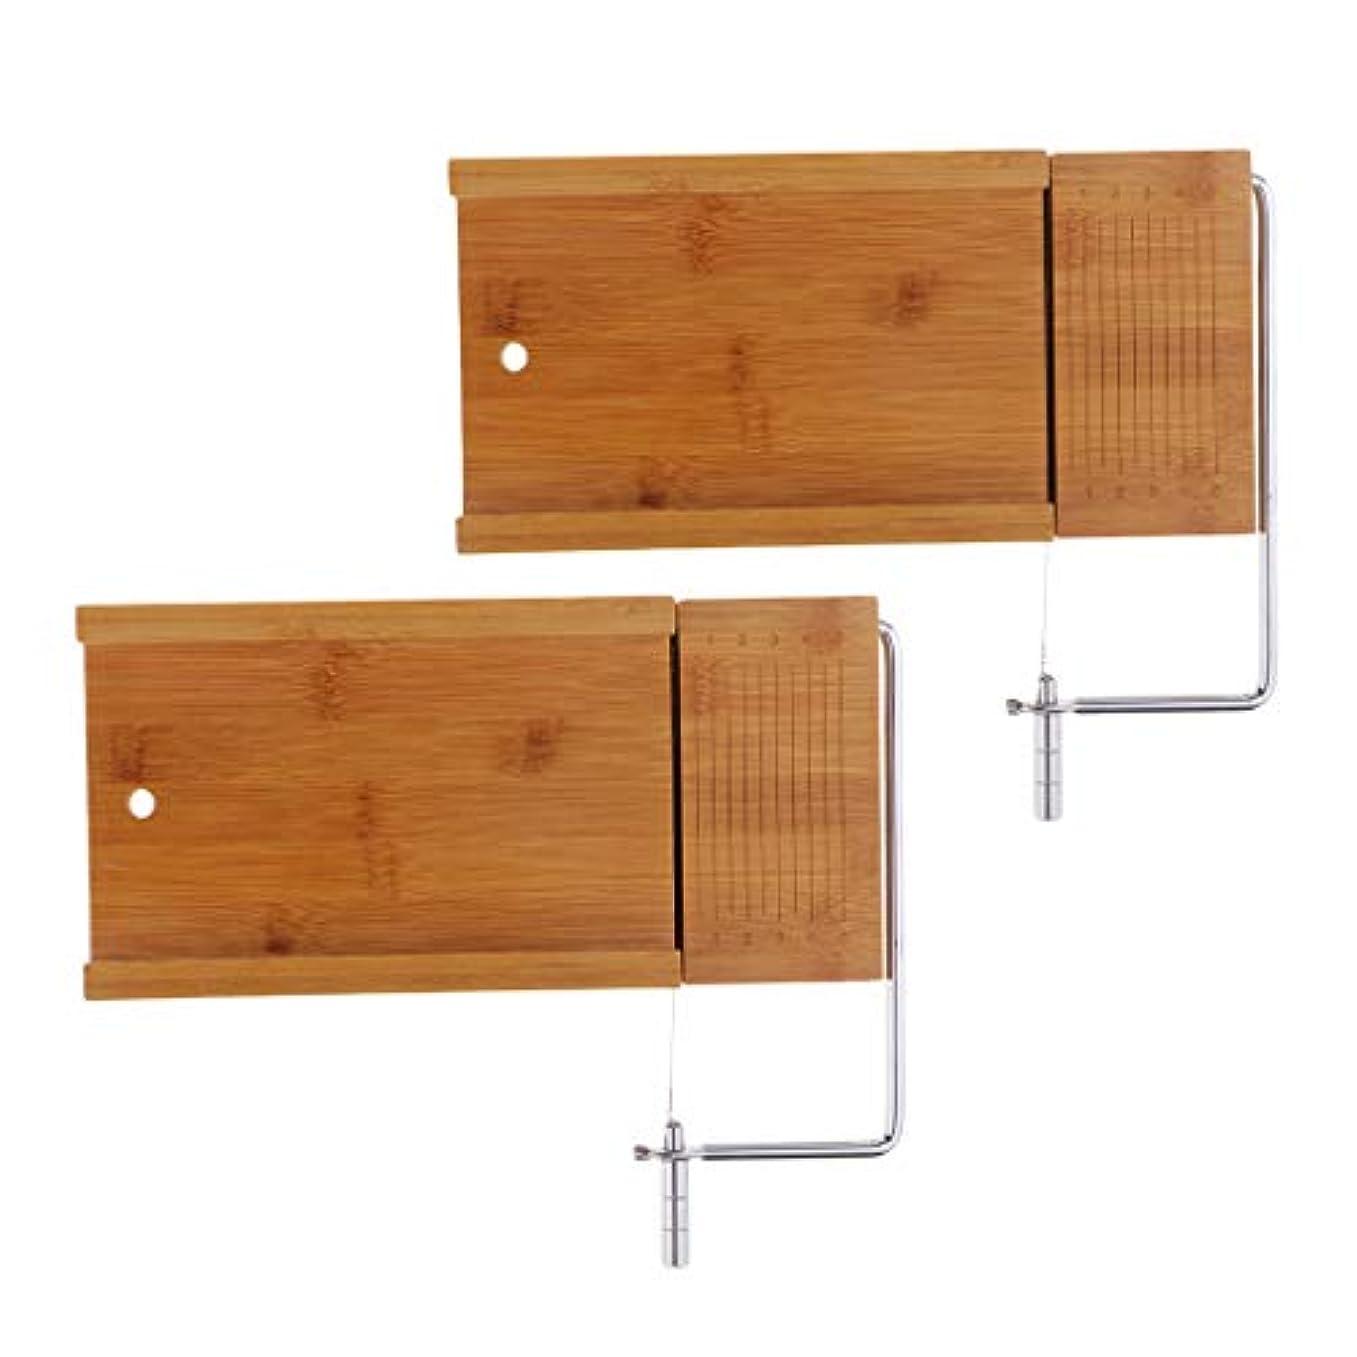 葉を集める修士号均等に石鹸のカッター 木質 ソープ切削工具 せっけんスライサー ワイヤースライサー ステンレス鋼 2個セット